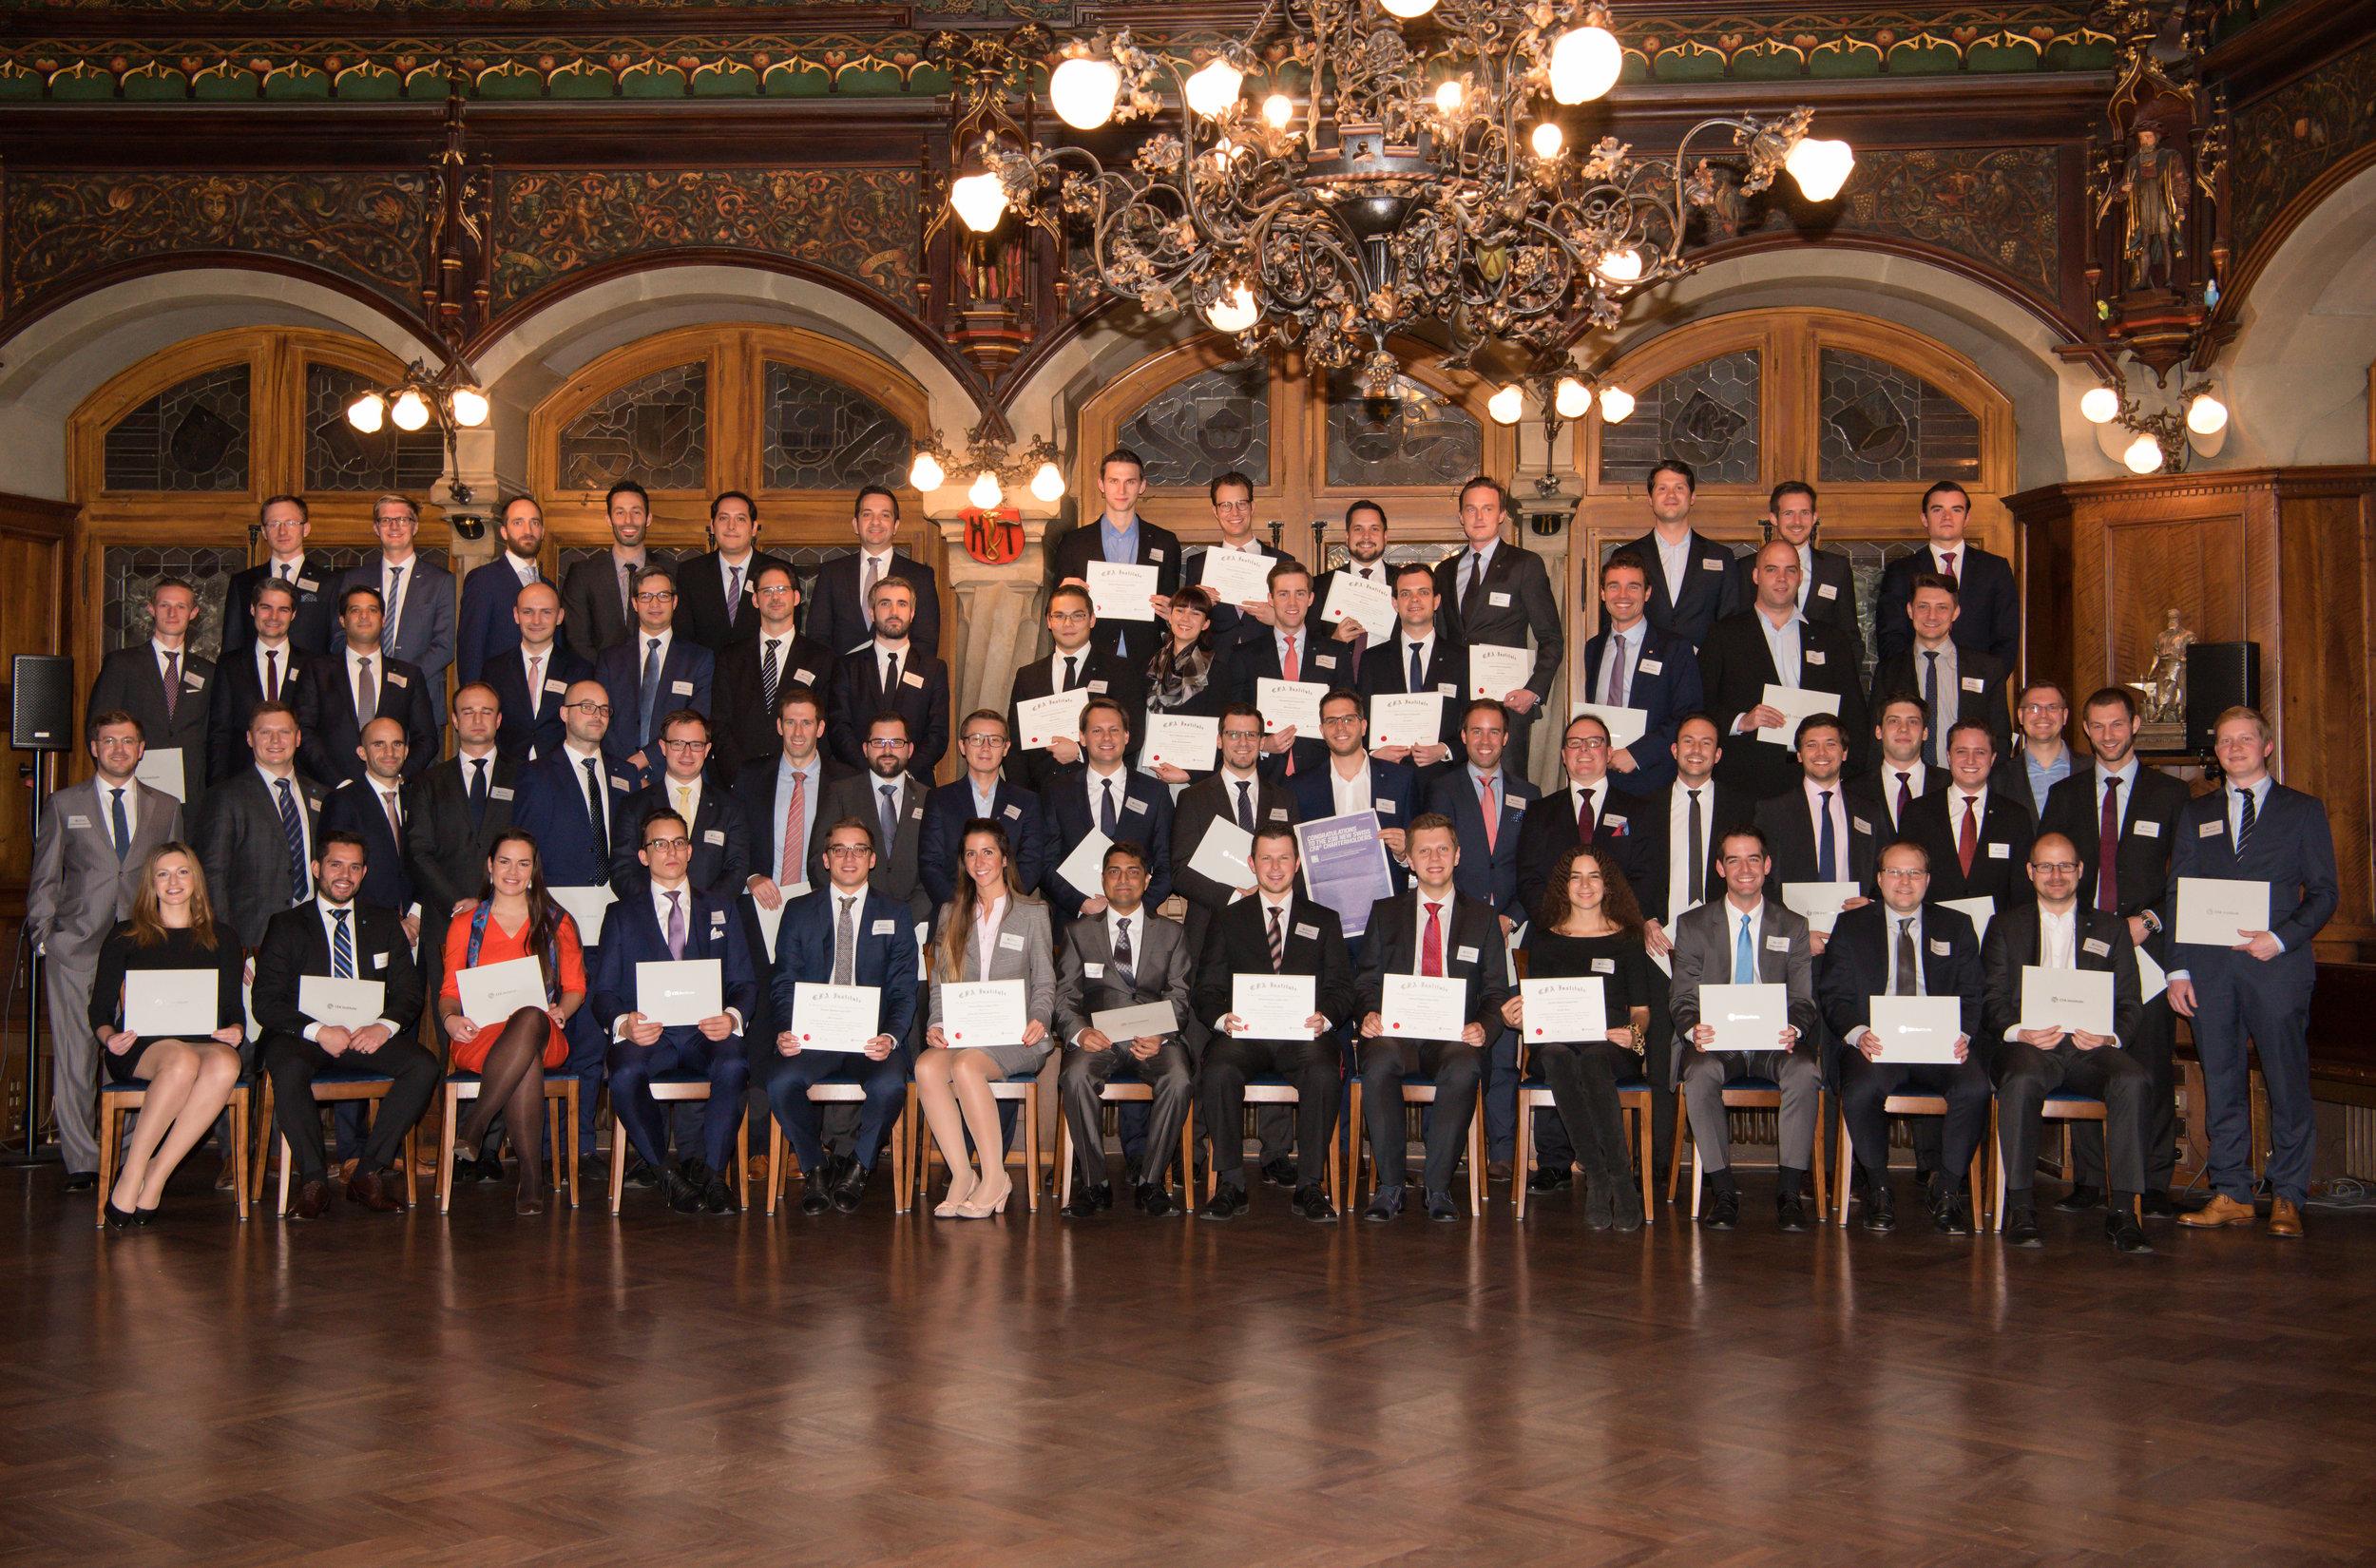 The Zurich Class of 2016